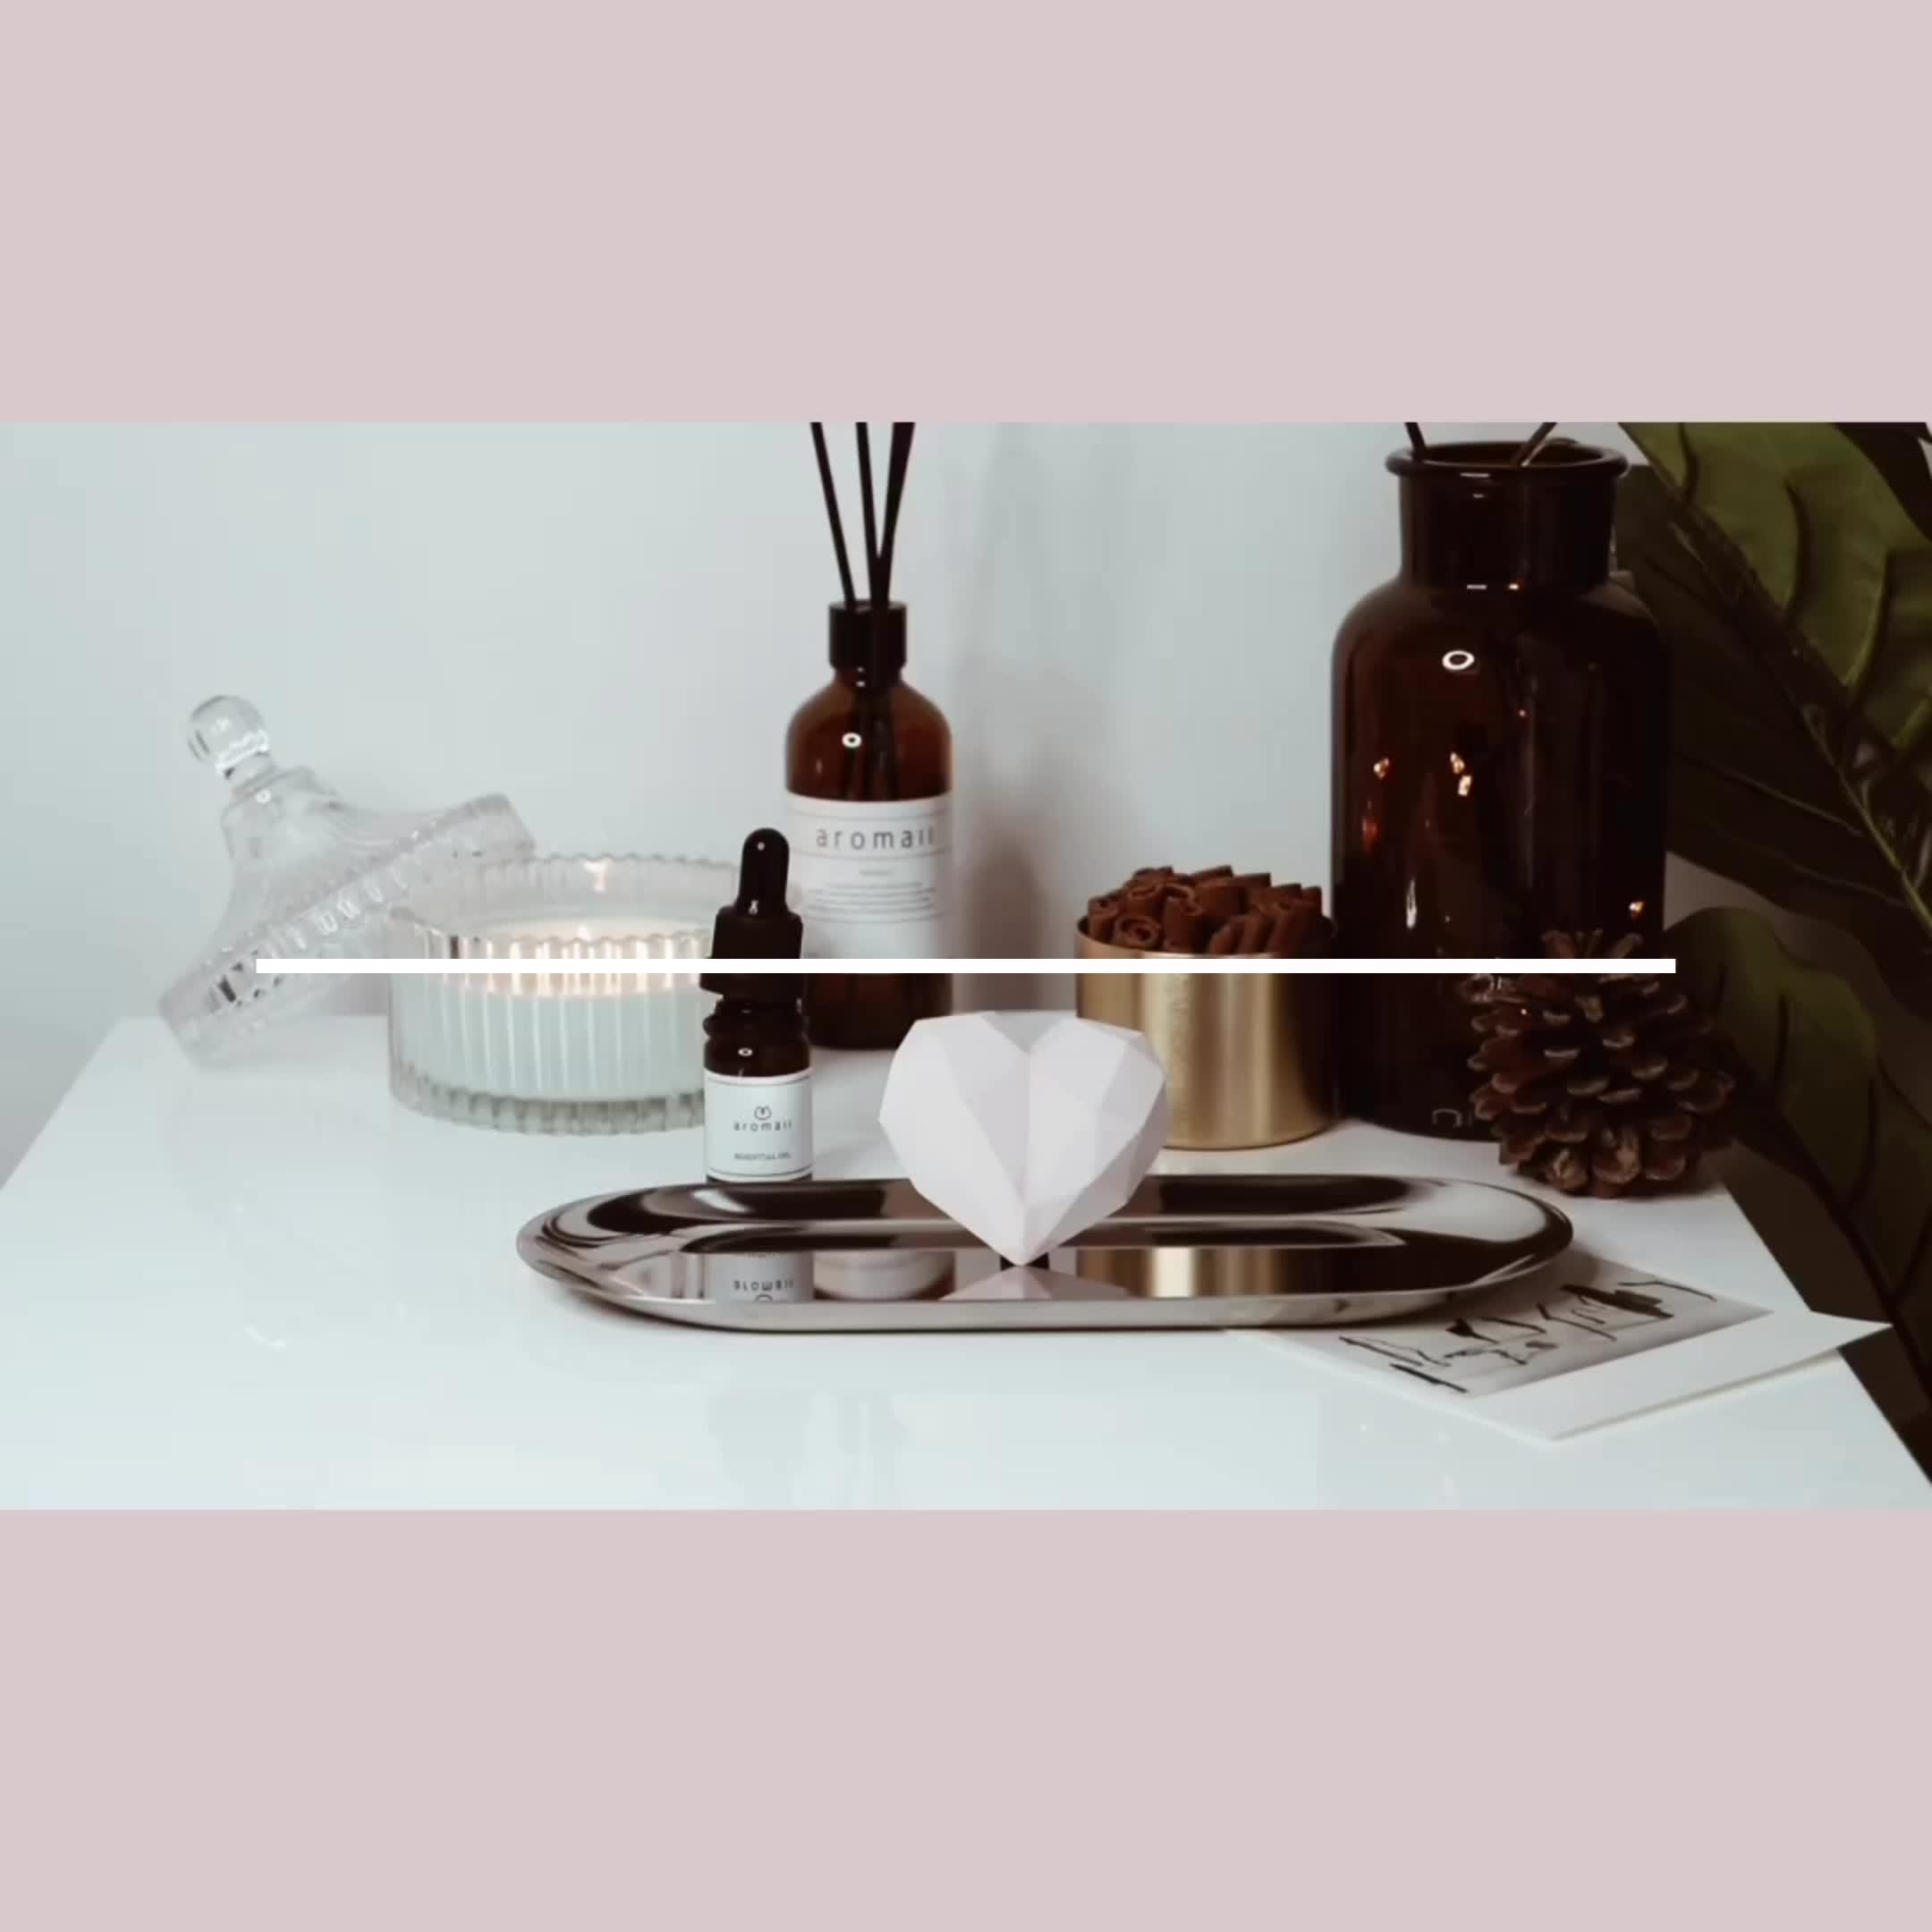 新しいデザインの香りセラミック天使の卸売